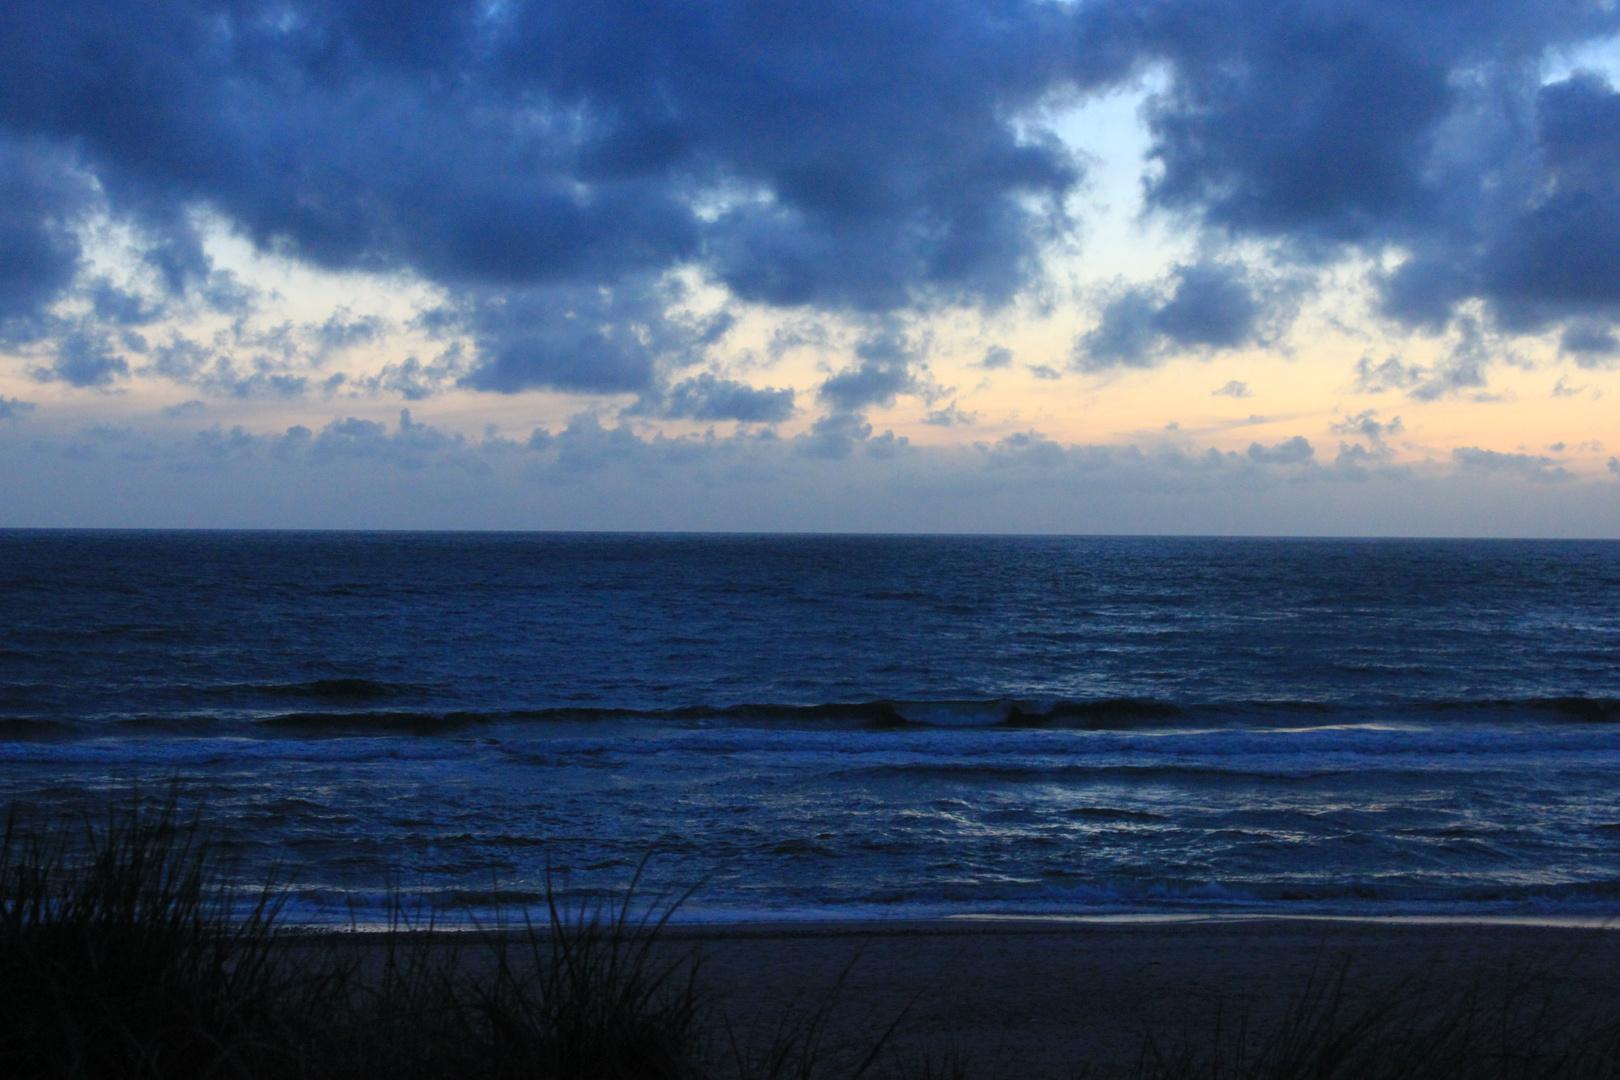 Wunderschöner Himmel am Strand